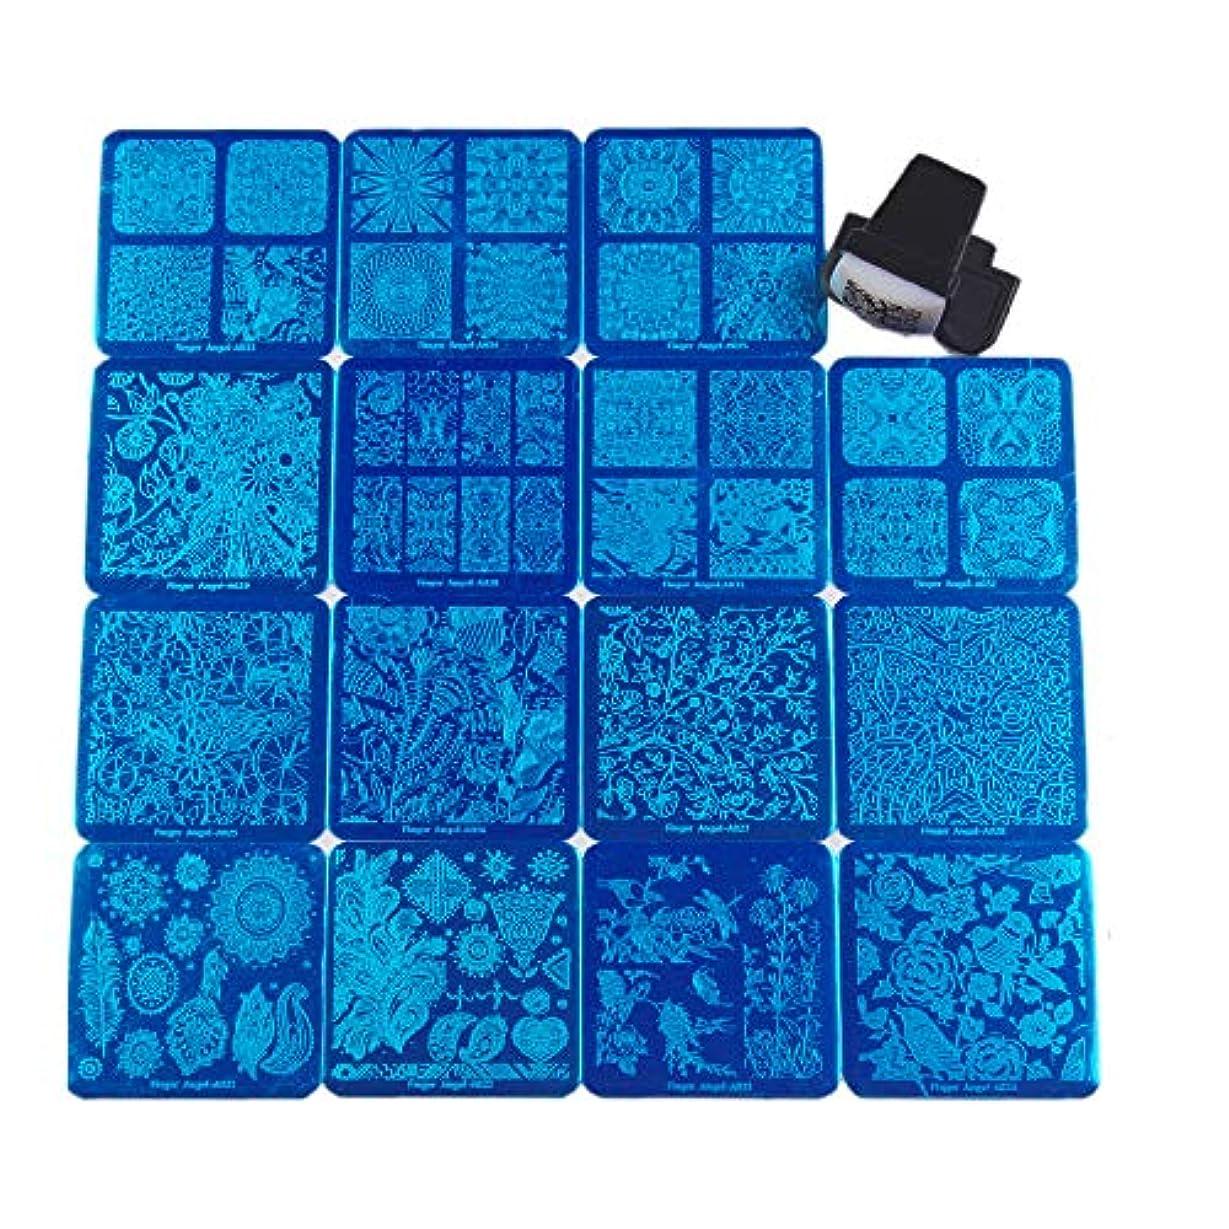 助言する時計現実FingerAngel ネイルイメージプレートセット ネイルプレート正方形15枚 スタンプ スクレーパー カードバッグ付き ネイルサロンも自宅も使えるネイルプレート